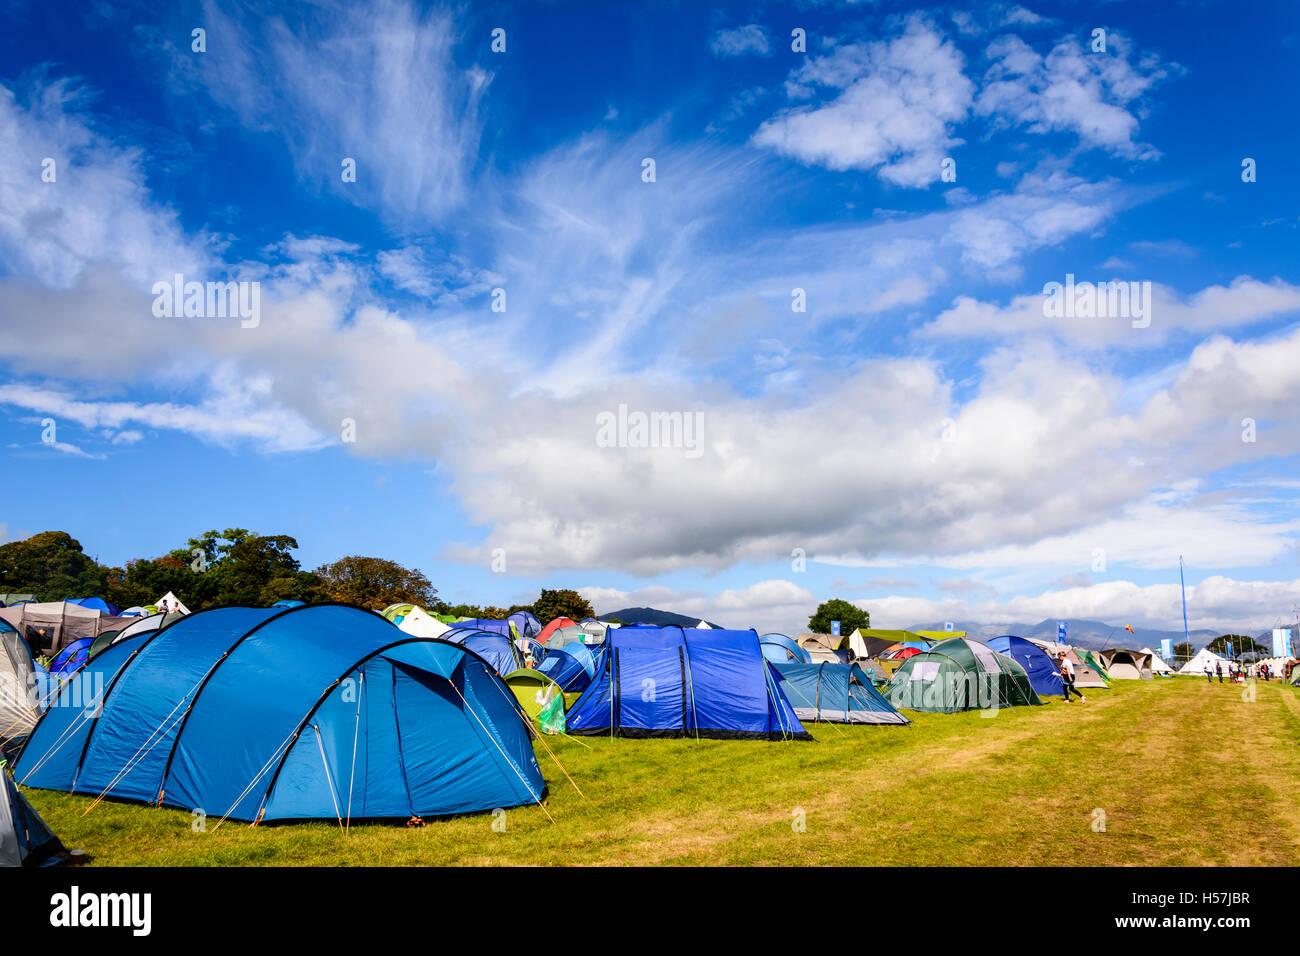 Una raccolta delle colorate tende campeggio al Festival No.6, Portmeirion, Wales, Regno Unito Foto Stock